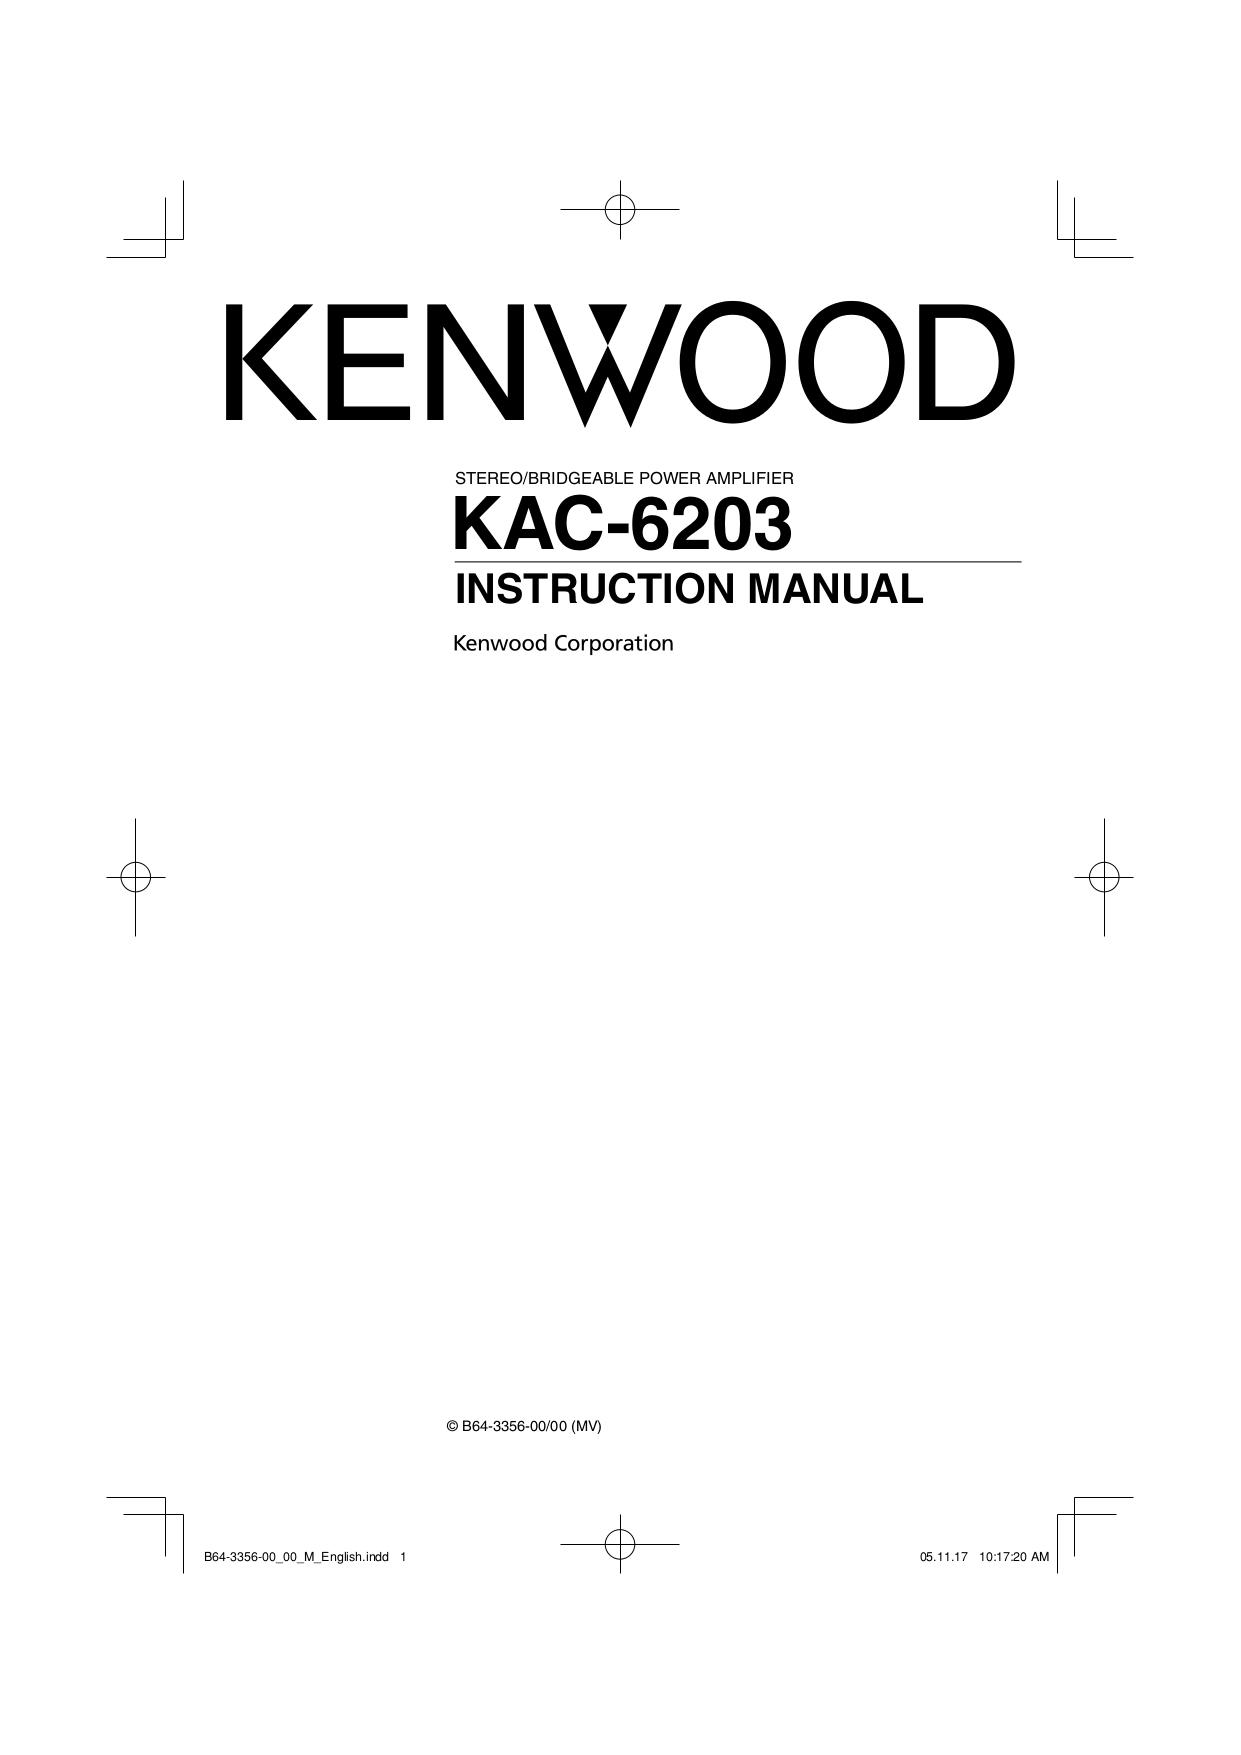 Download free pdf for Kenwood KAC-424 Amp manual